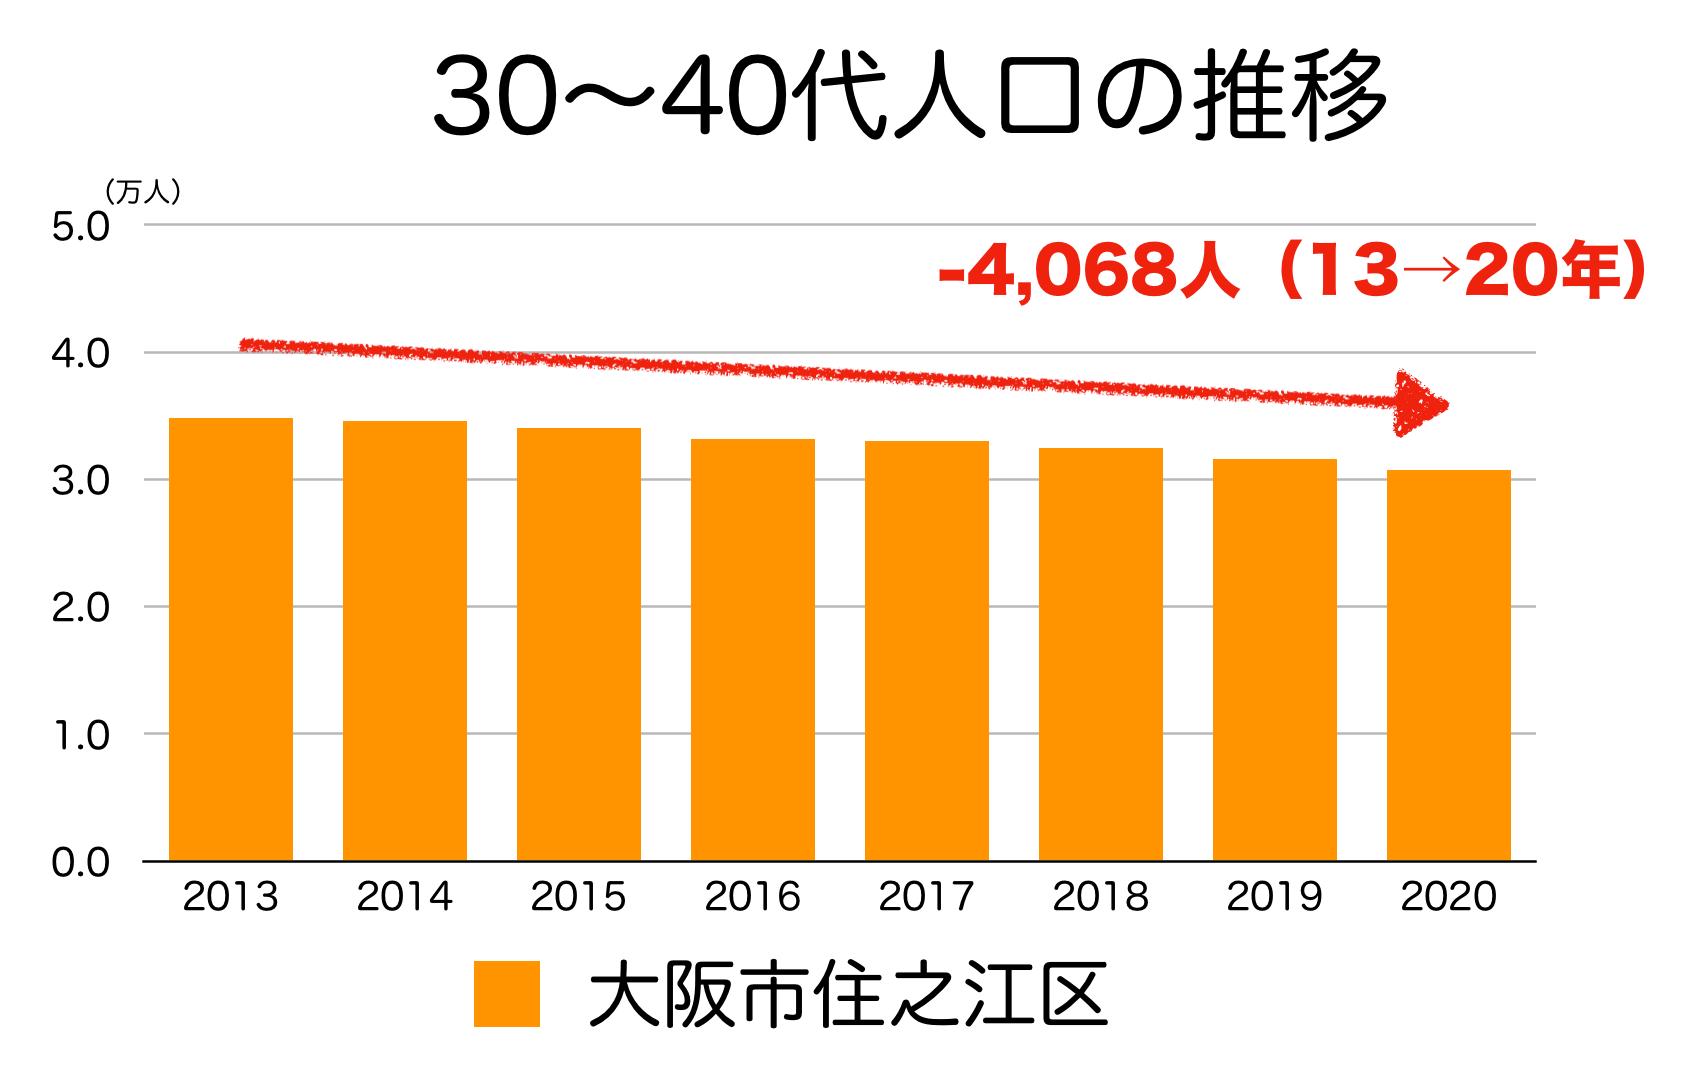 大阪市住之江区の30〜40代人口の推移